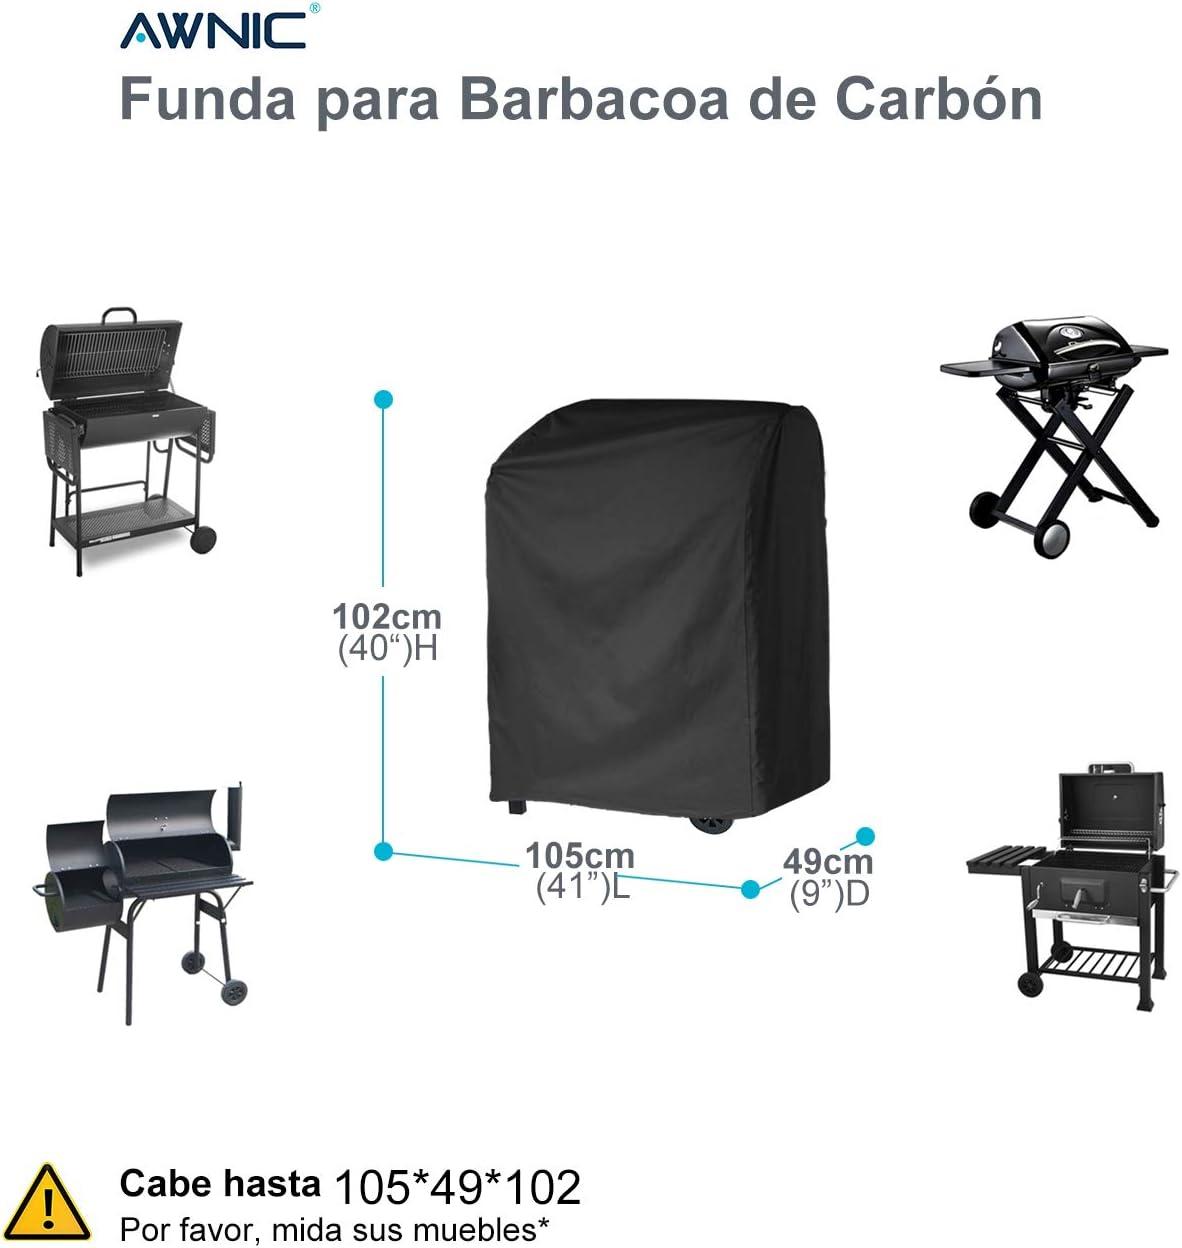 Doitsa 1/x Funda Barbacoa Impermeable Outdoor Lona de protecci/ón BBQ con Cuerda retr/áctil Negro Impermeable 145 * 61 * 117CM Antipolvo